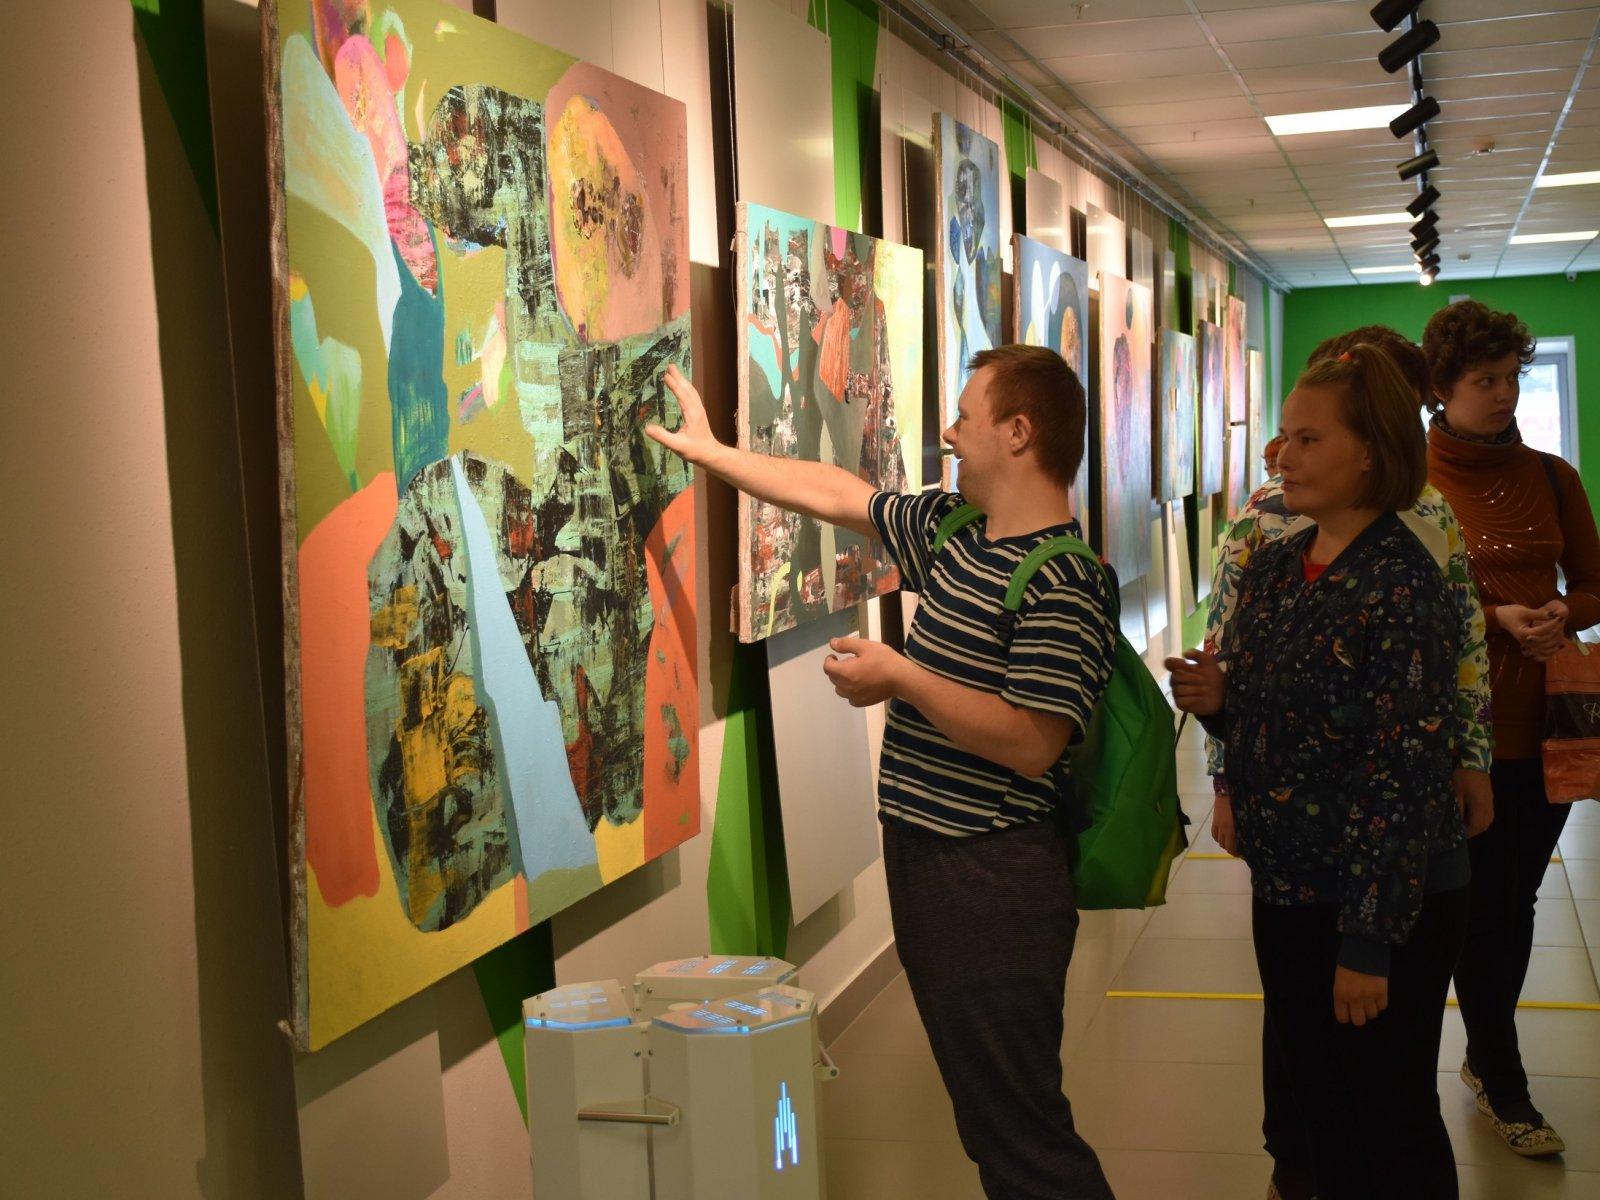 Инклюзивная выставка «От модерна к русскому авангарду» продолжает принимать гостей